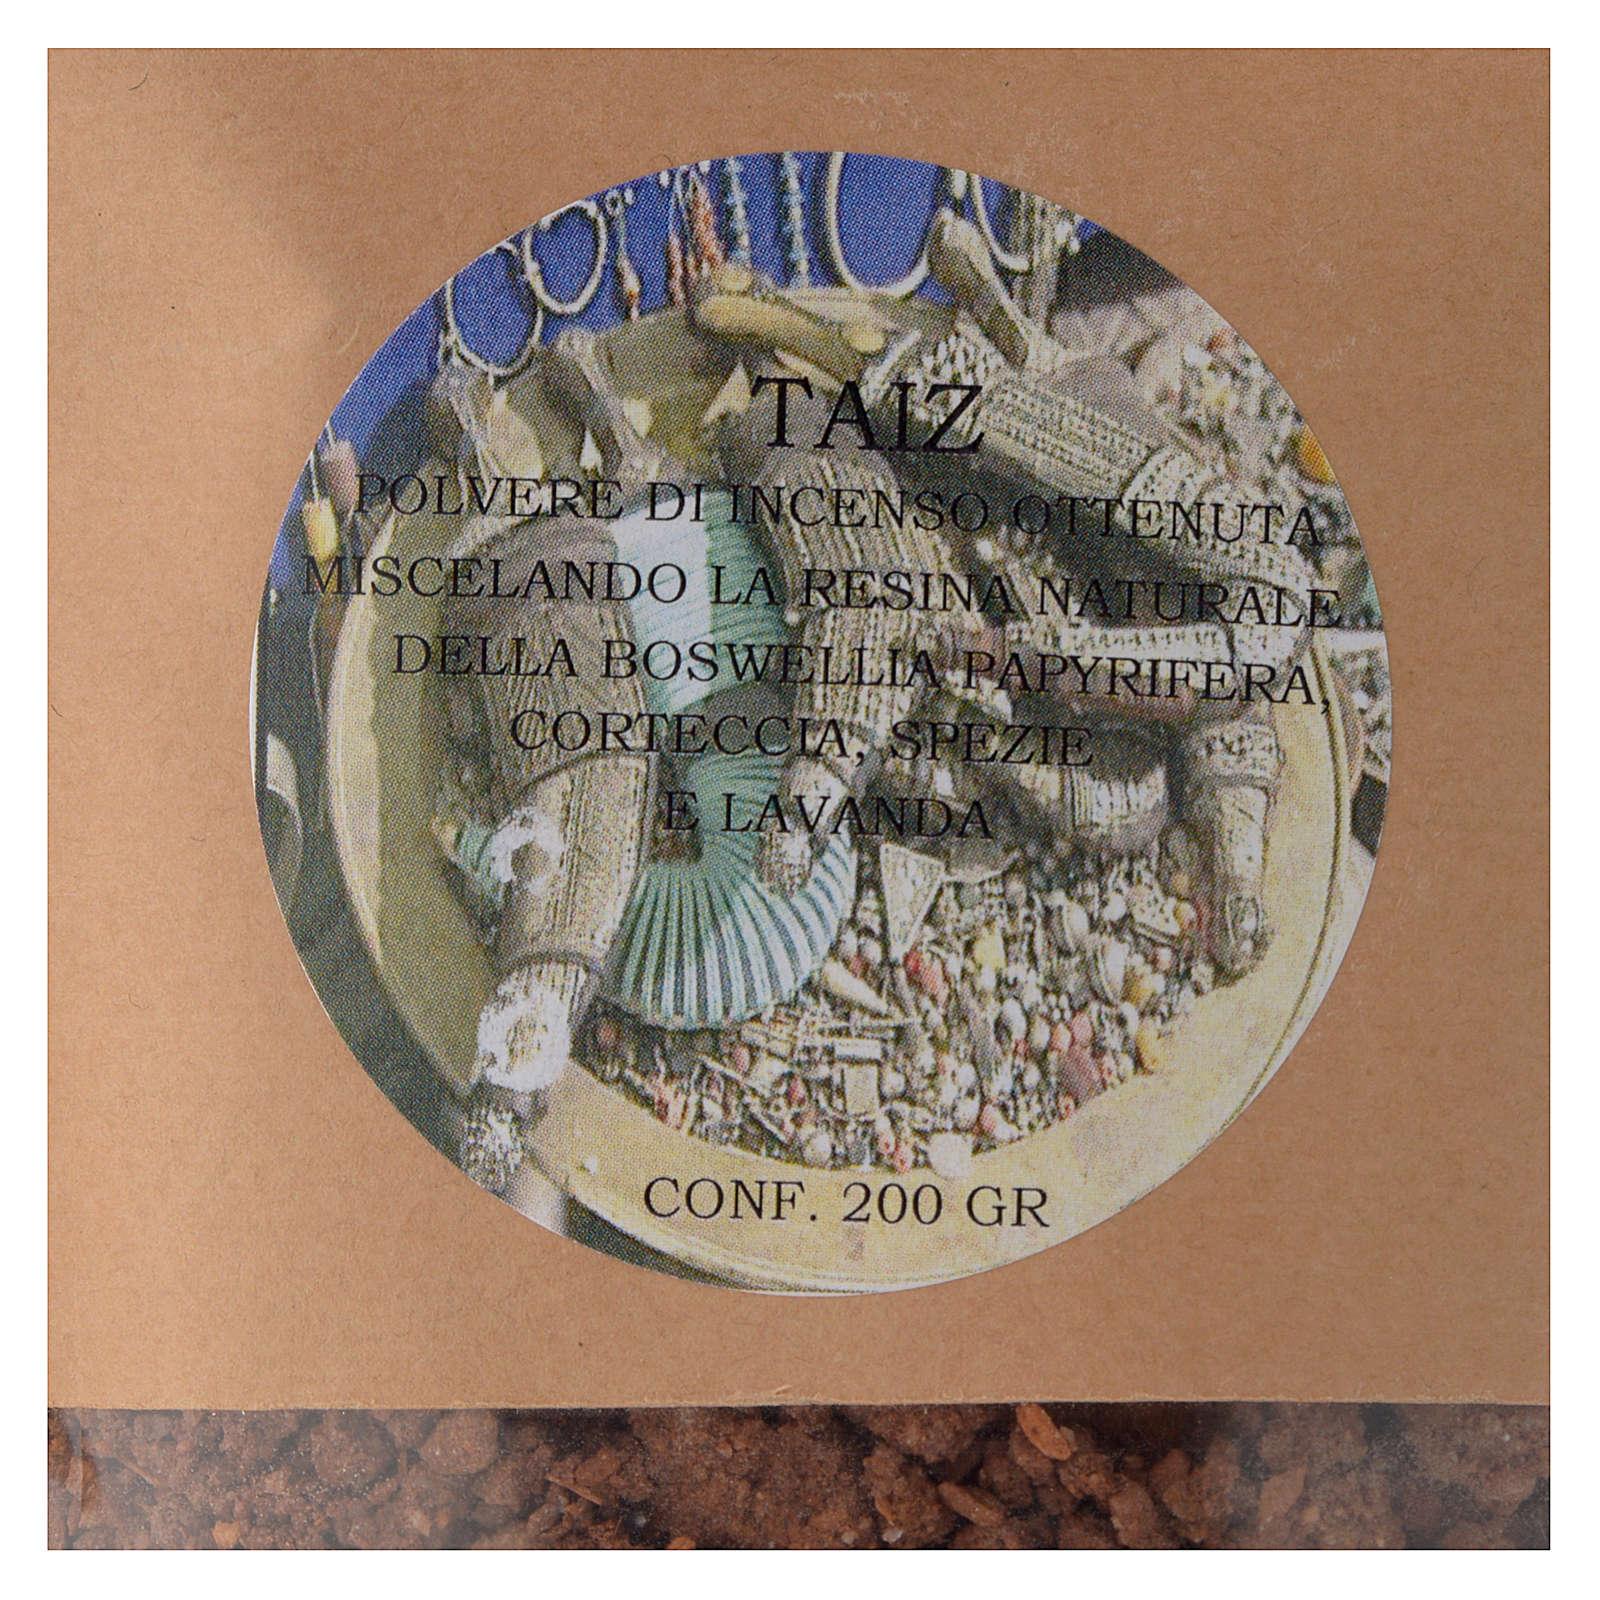 Polvere di incenso Taiz 200 gr 3